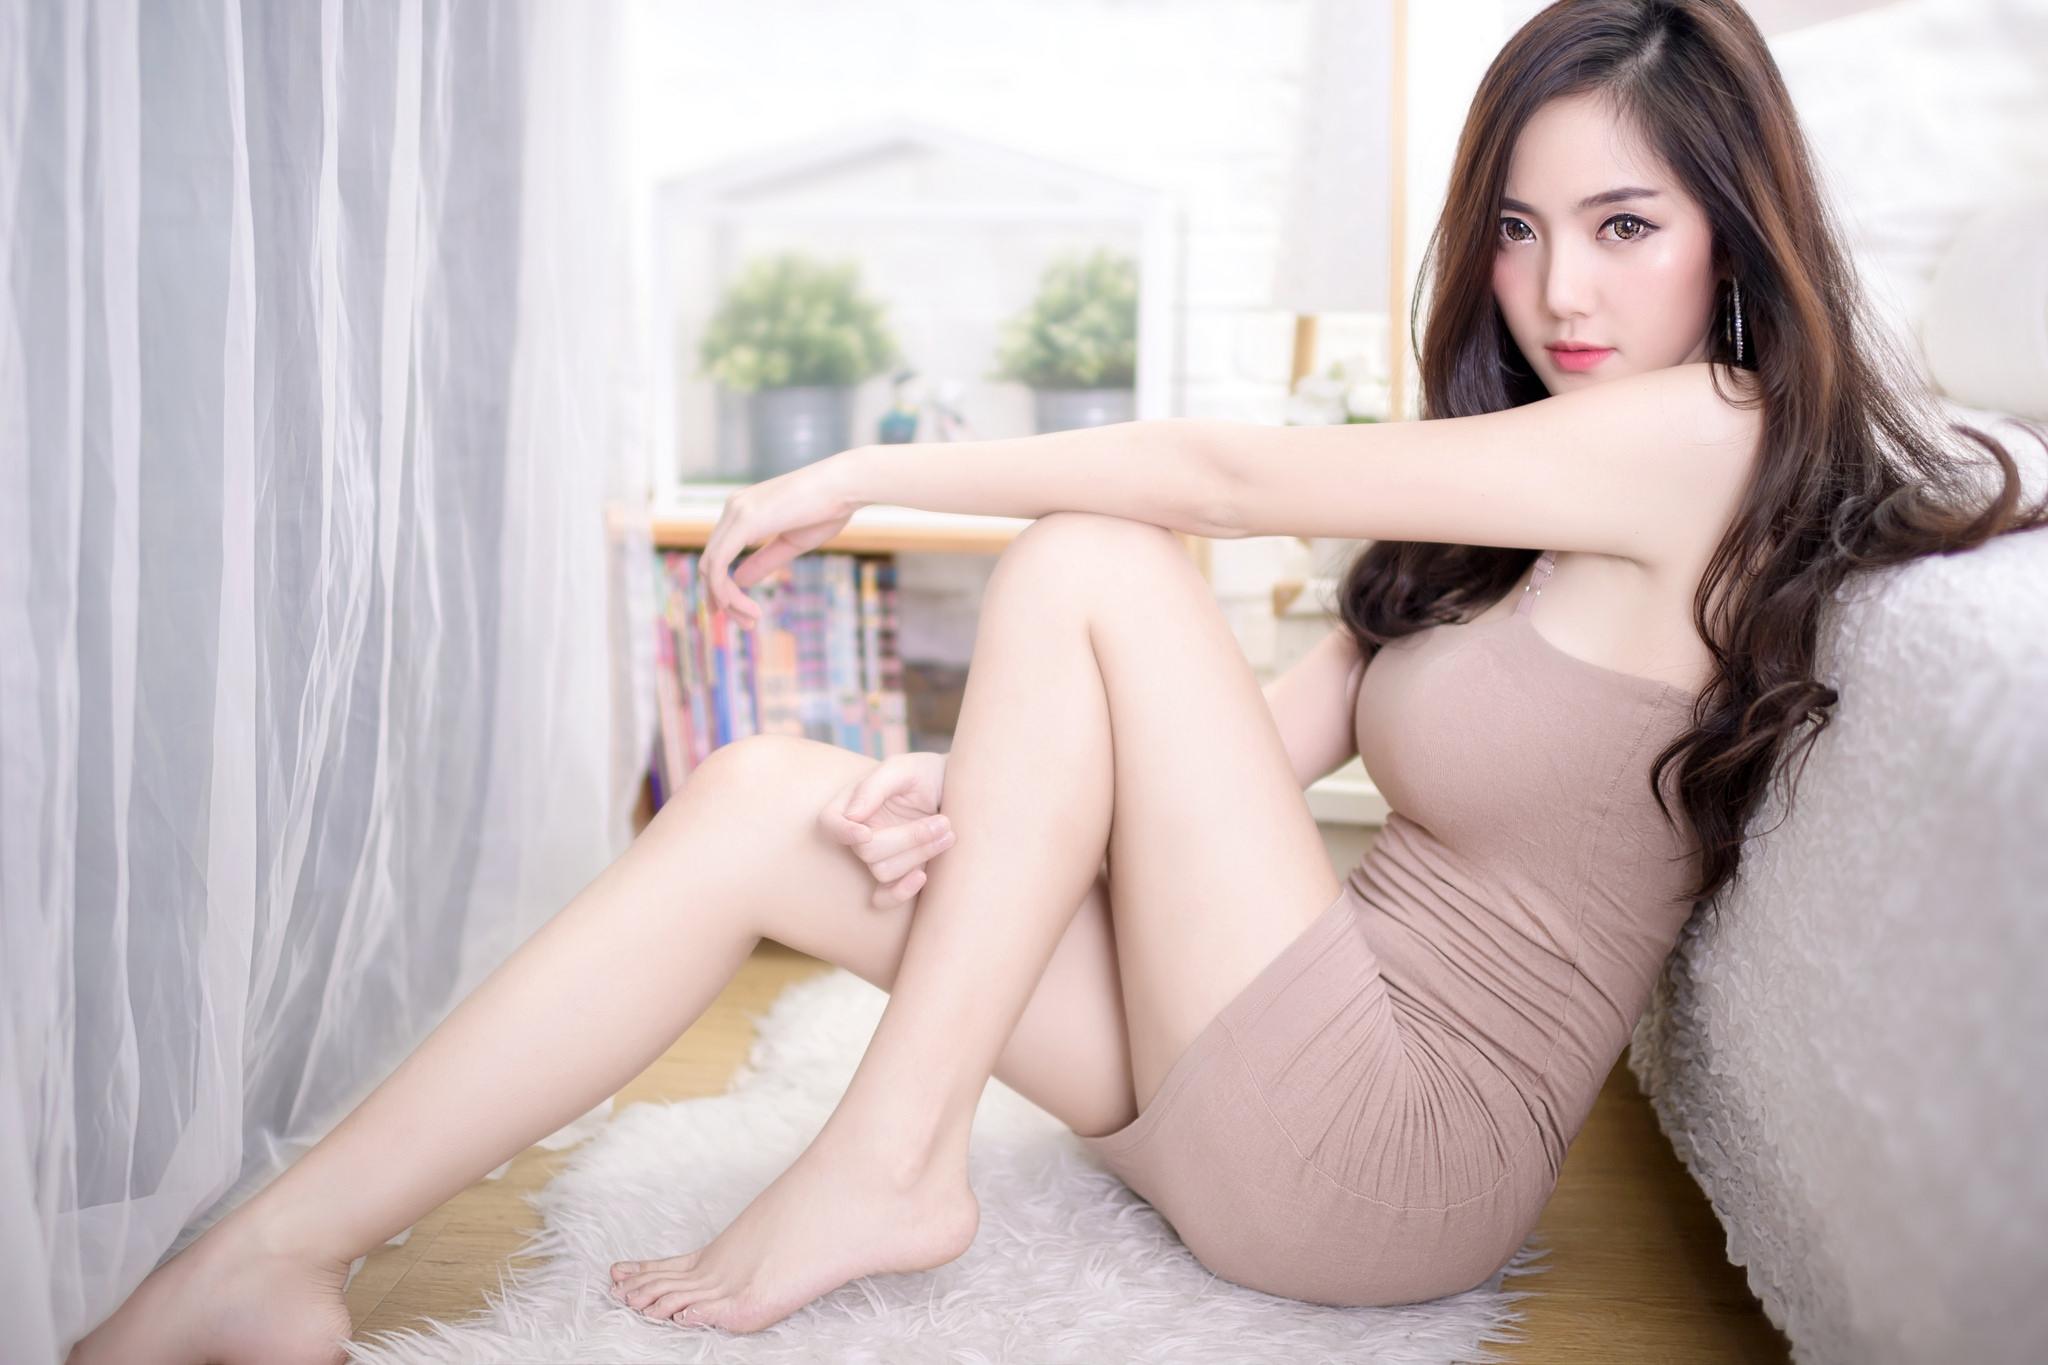 Азиатские модели фото заработать онлайн семикаракорск